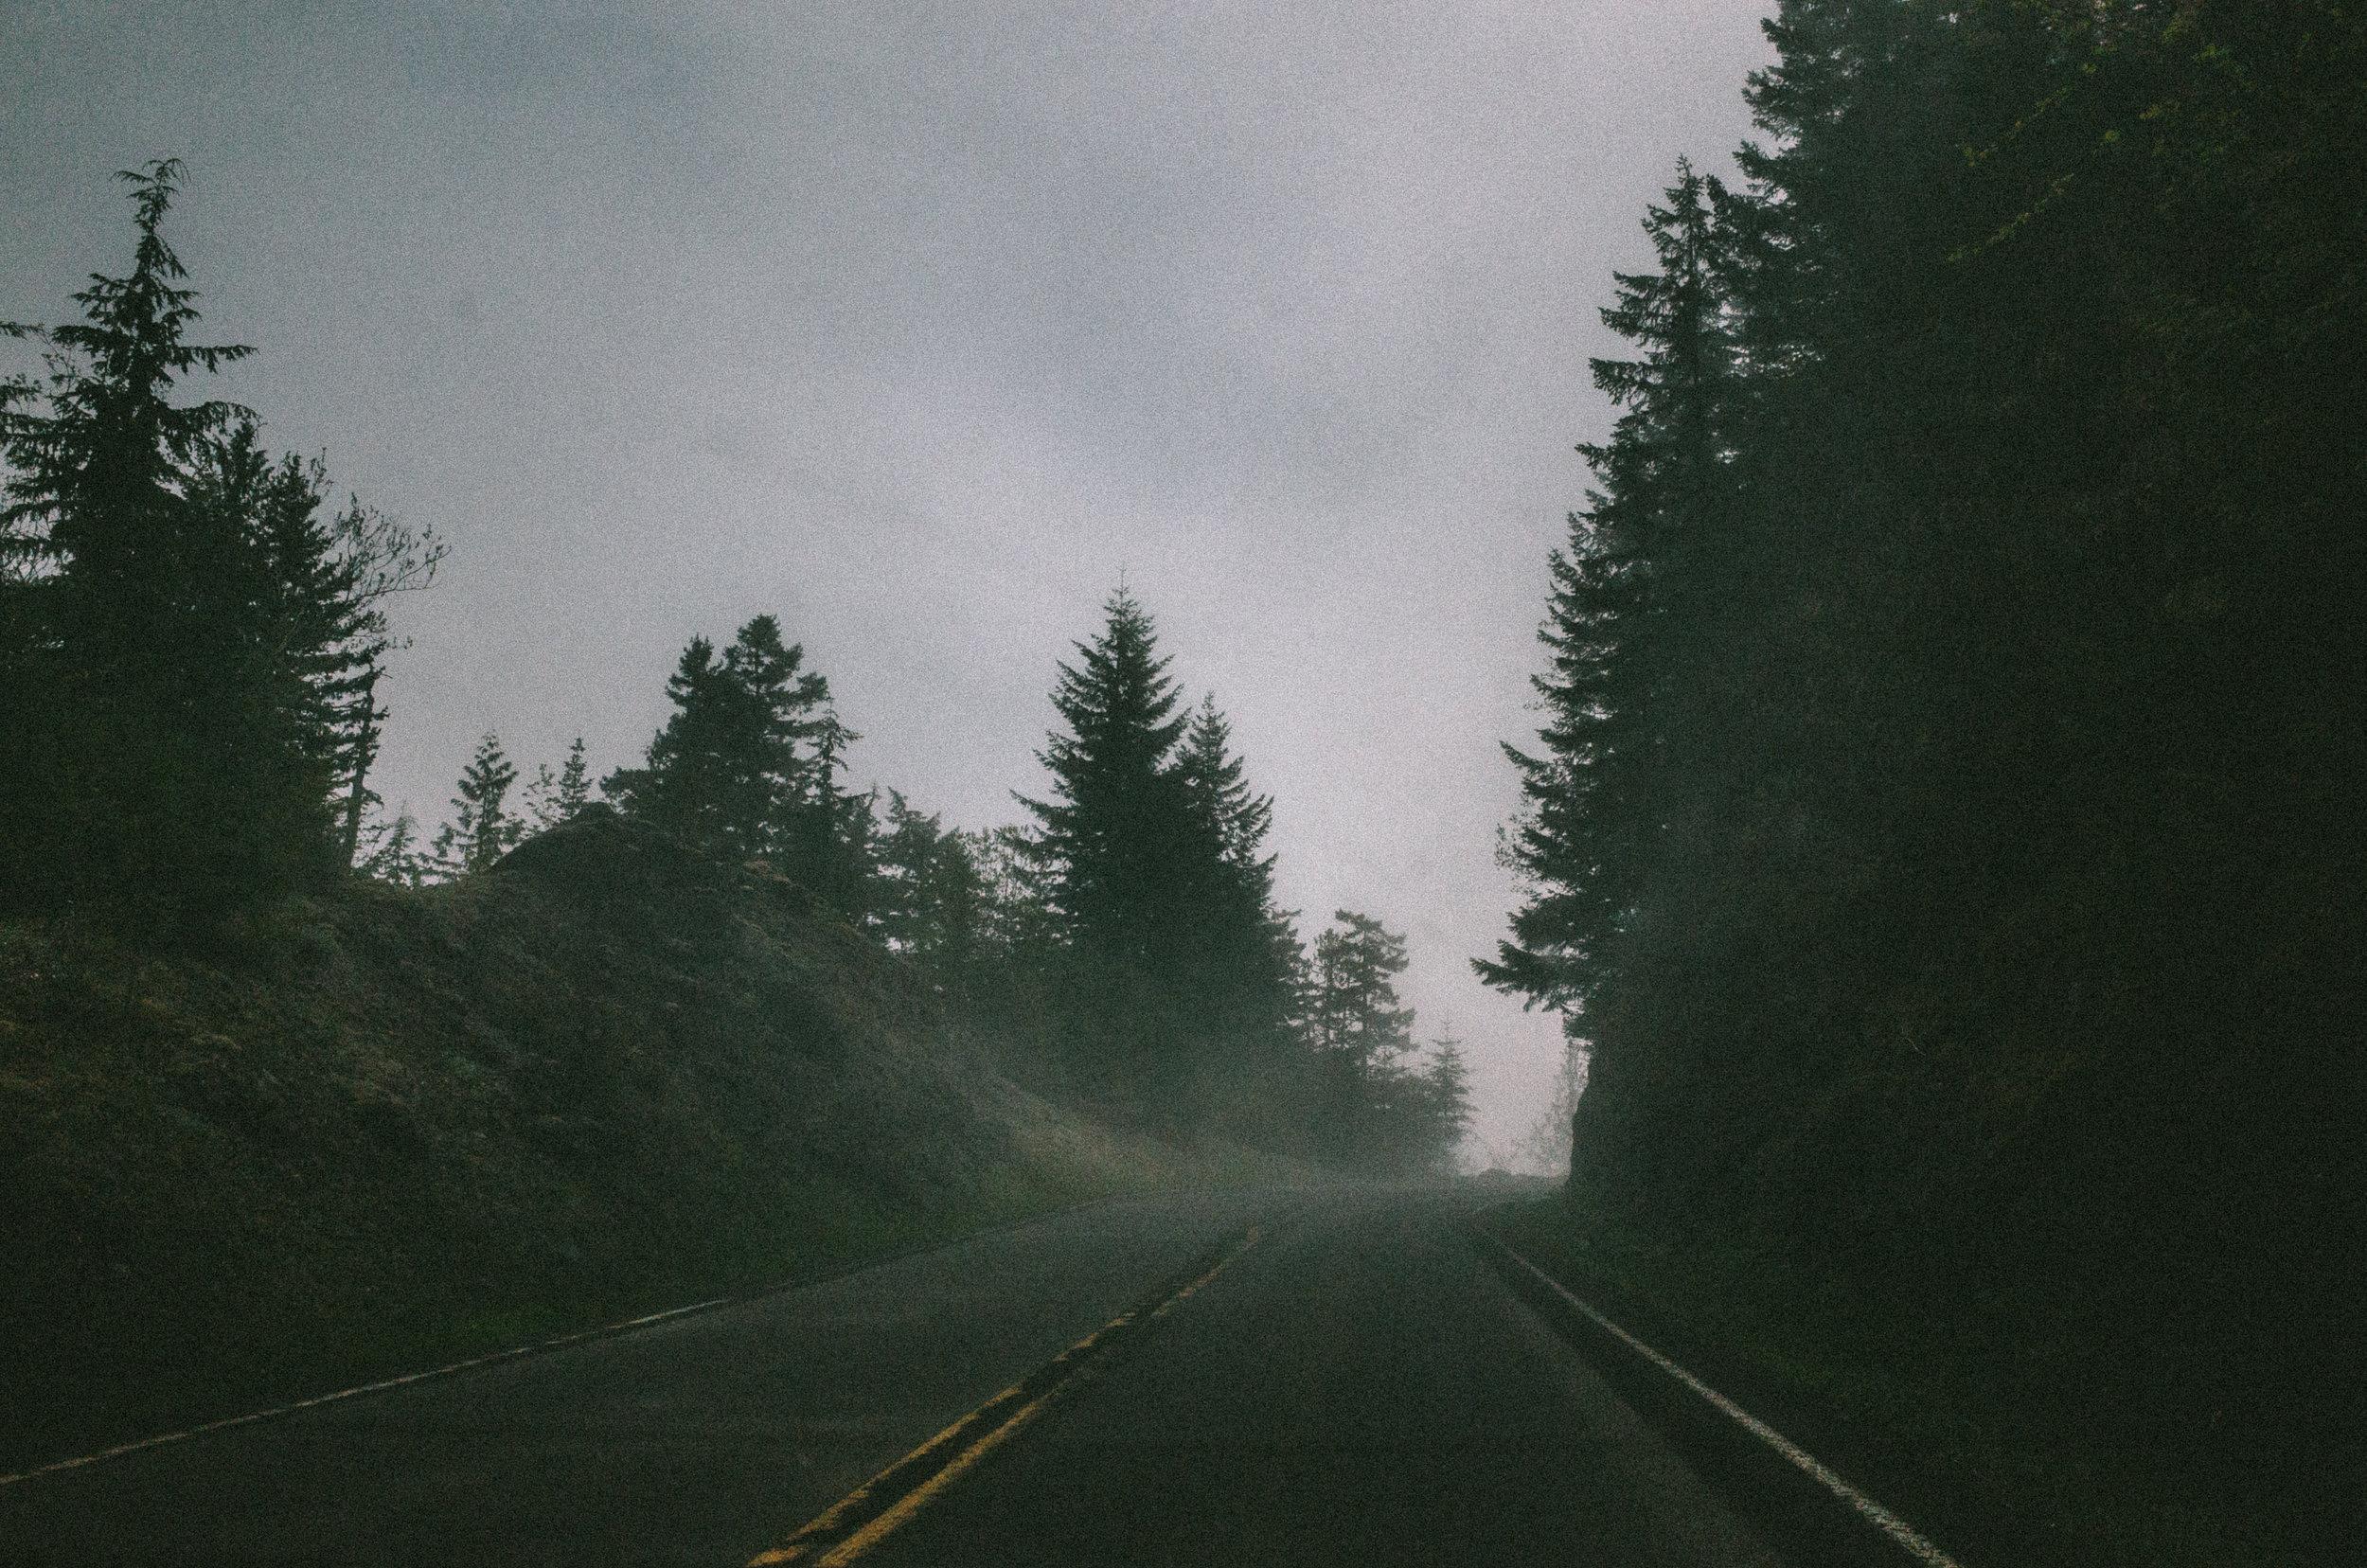 Roadtrip_KaveerRai_07.jpg